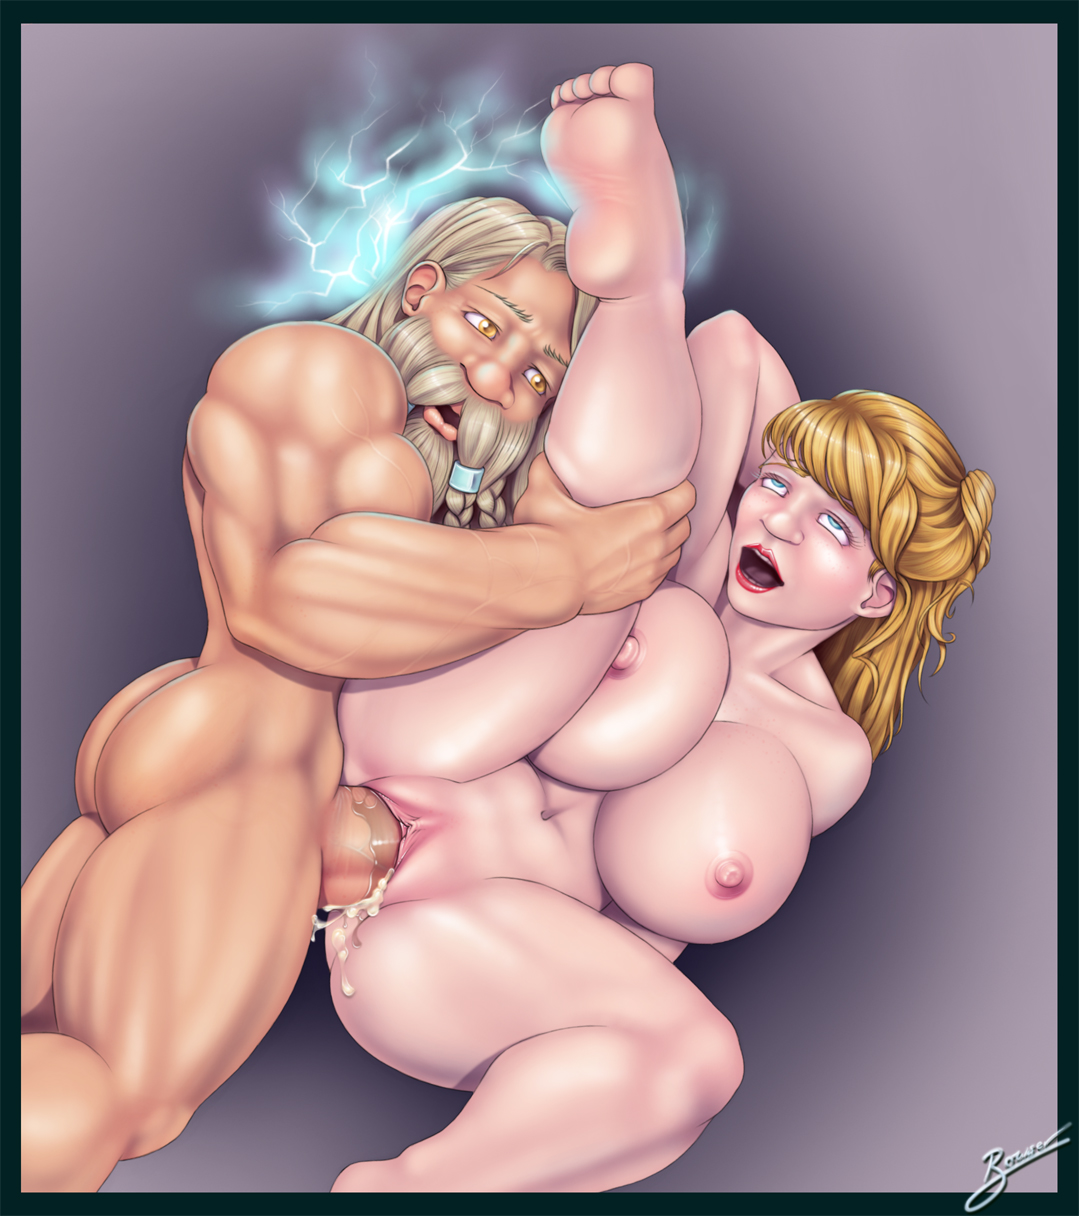 Female dwarf porn